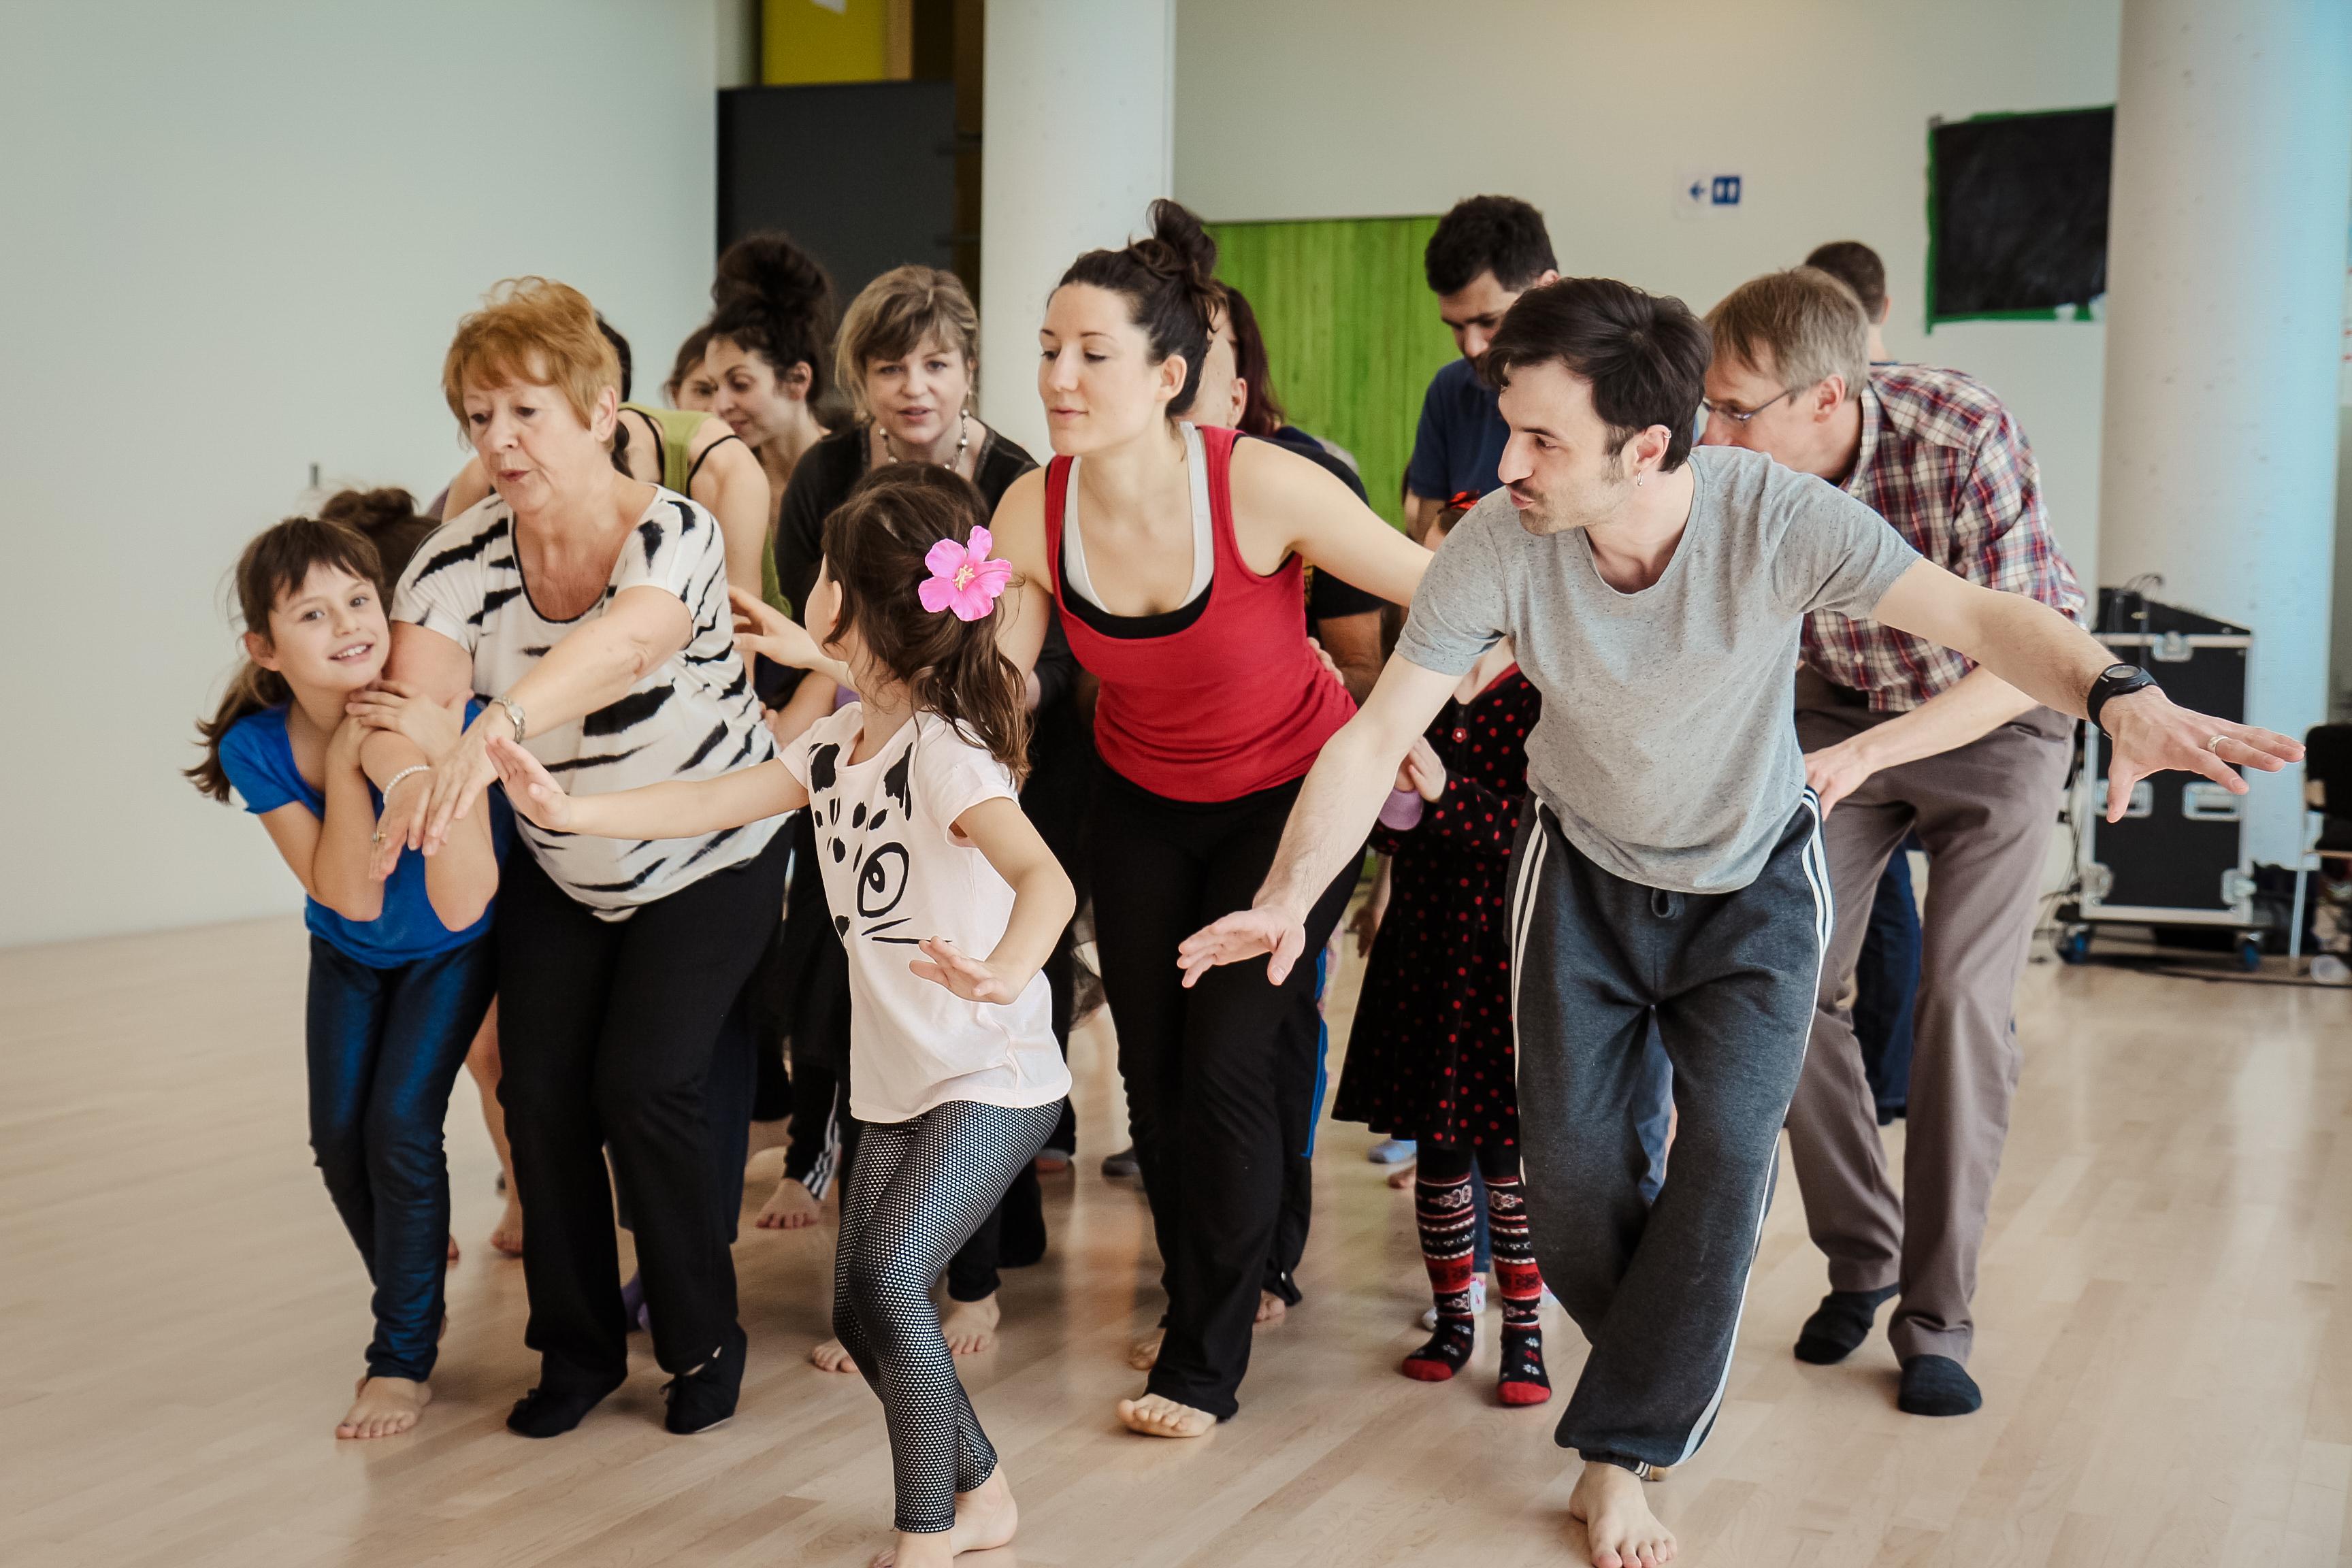 Danza_en_familia_Agora_de_la_danse_Jacques_Poulin-Denis_9_avril_2017_Crédit_Emilie_Renck_6